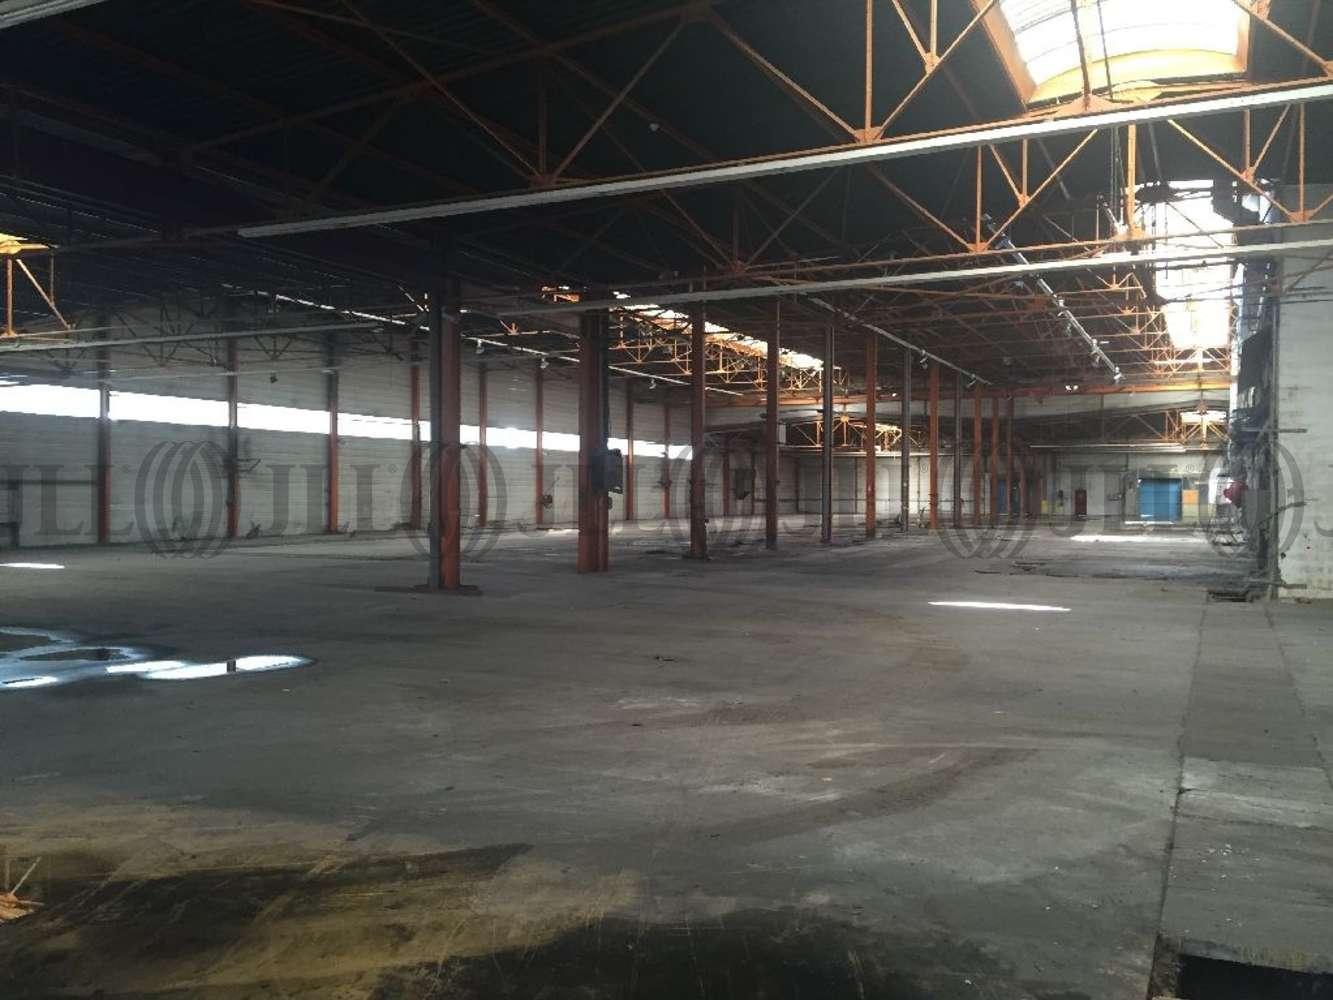 Activités/entrepôt Trevoux, 01600 - ENTREPOT À VENDRE LYON - TRÉVOUX - 9783773